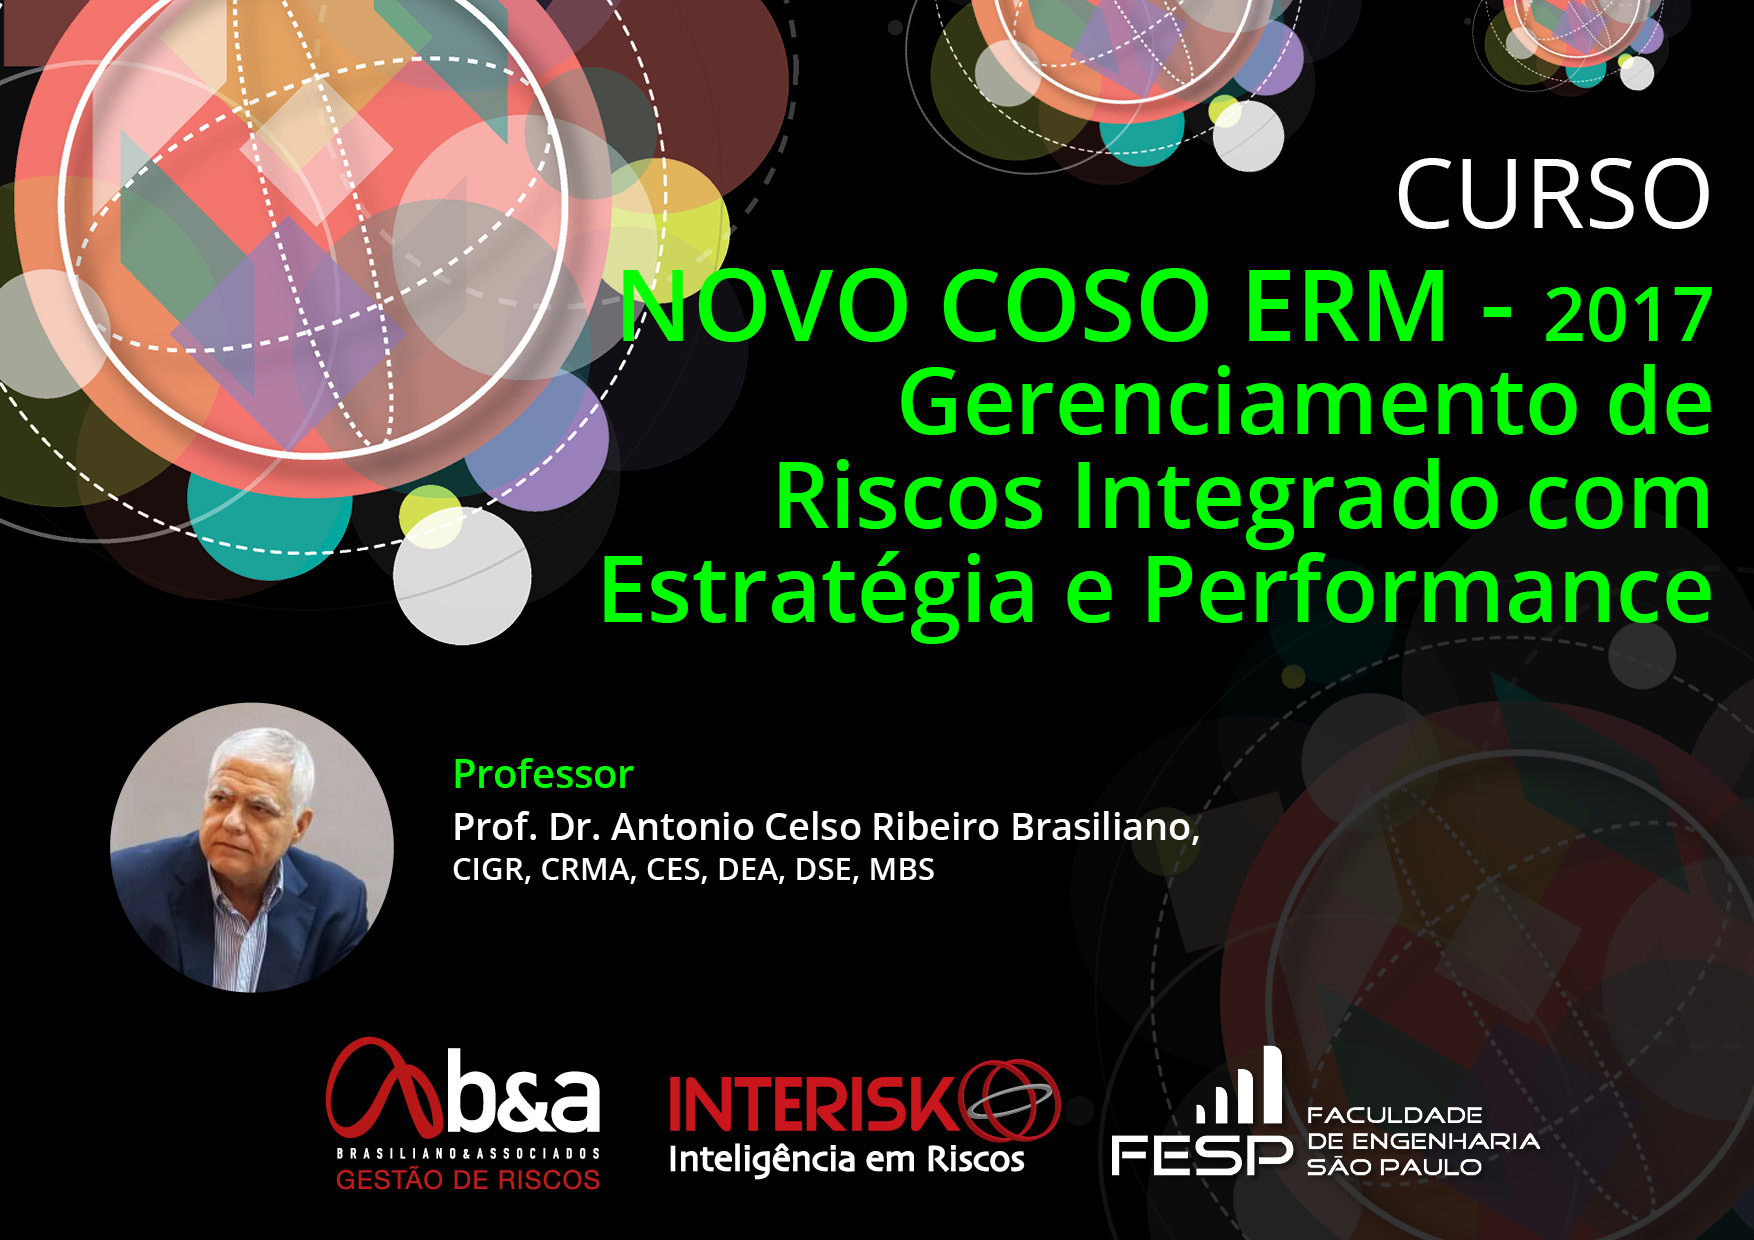 Curso NOVO COSO ERM - 2017 Gerenciamento de  Riscos Integrado com Estratégia e Performance - Brasiliano INTERISK